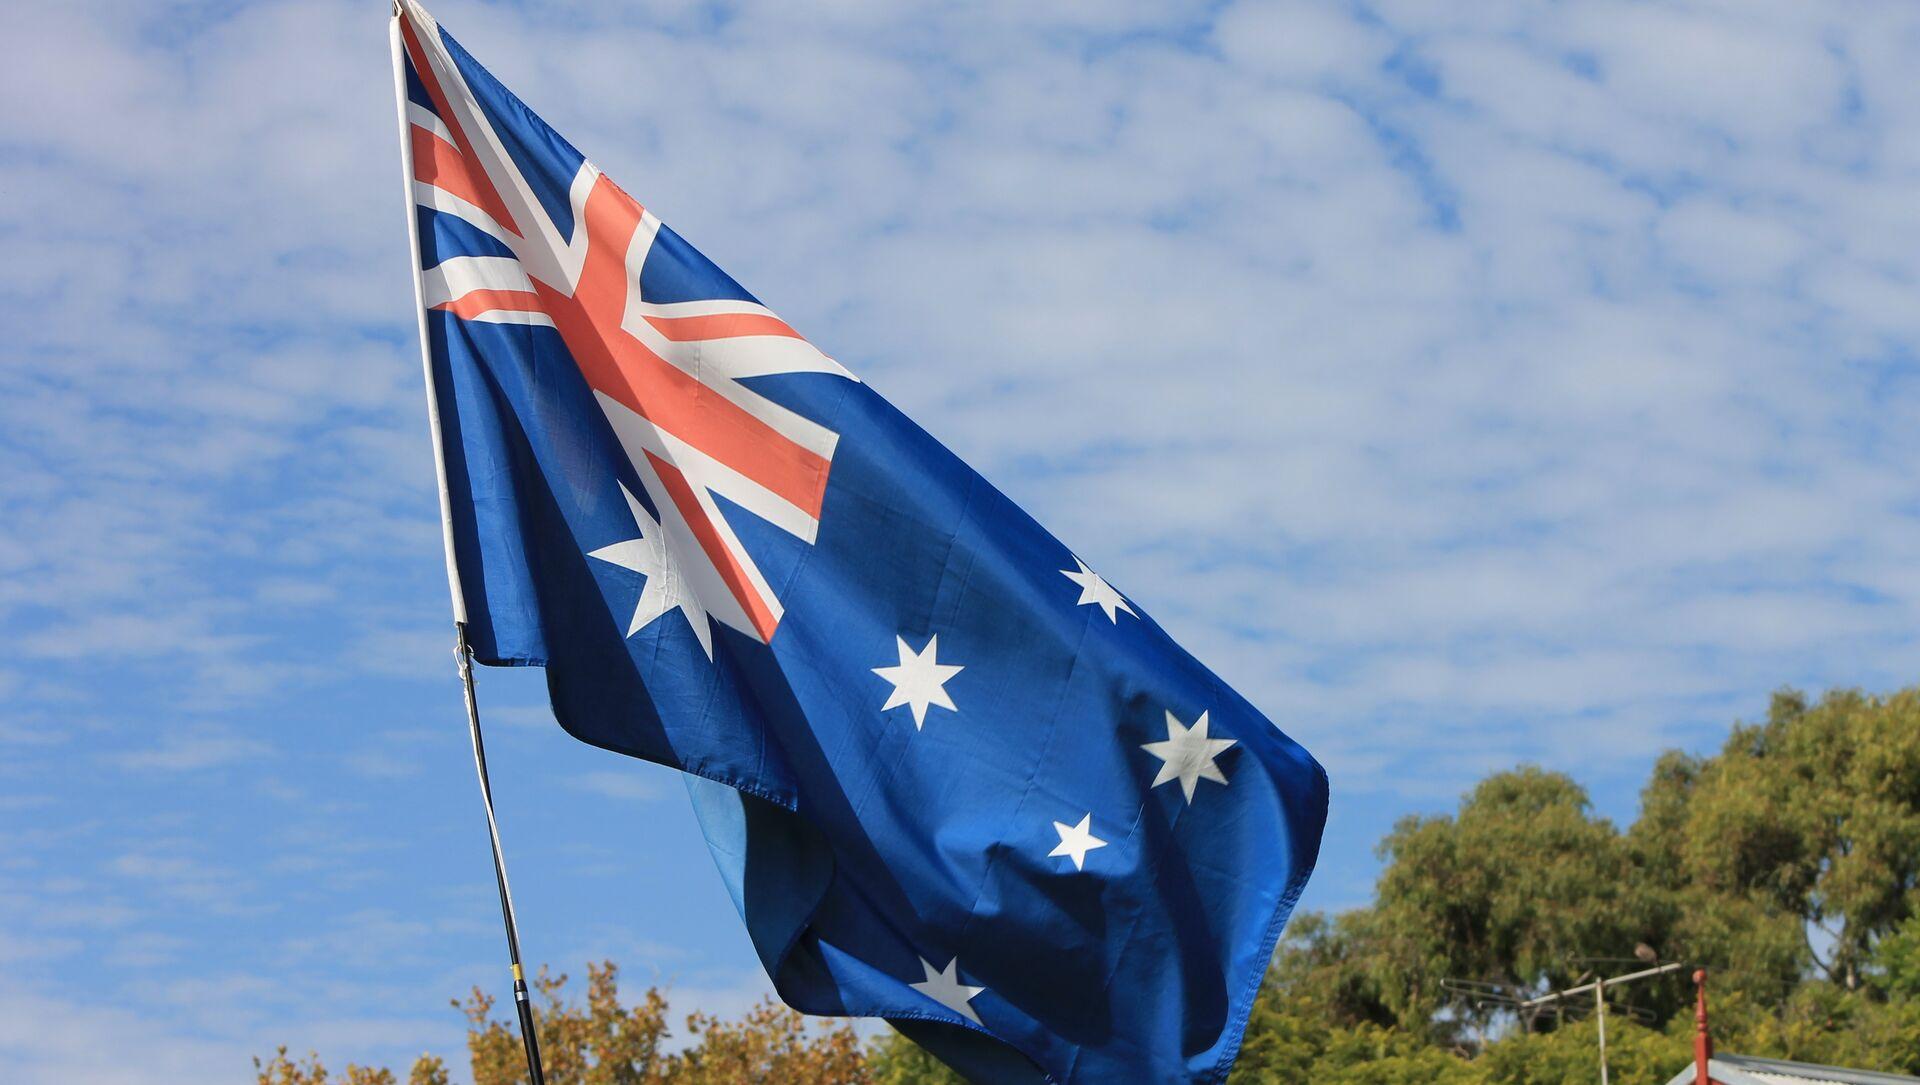 La bandera de Australia - Sputnik Mundo, 1920, 30.12.2020